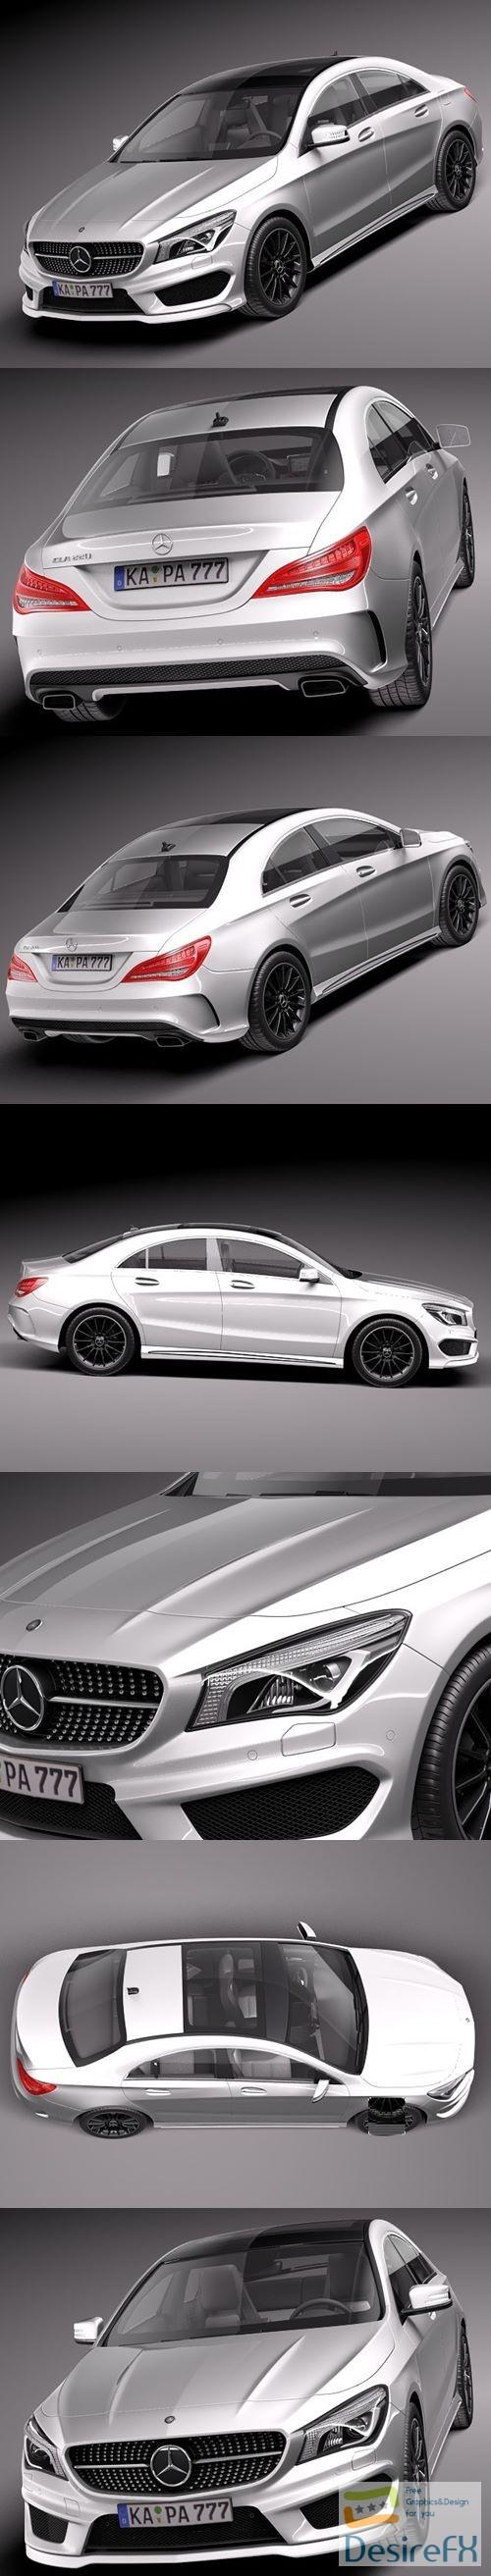 3d-models - Mercedes-Benz CLA-class AMG 2014 3D Model